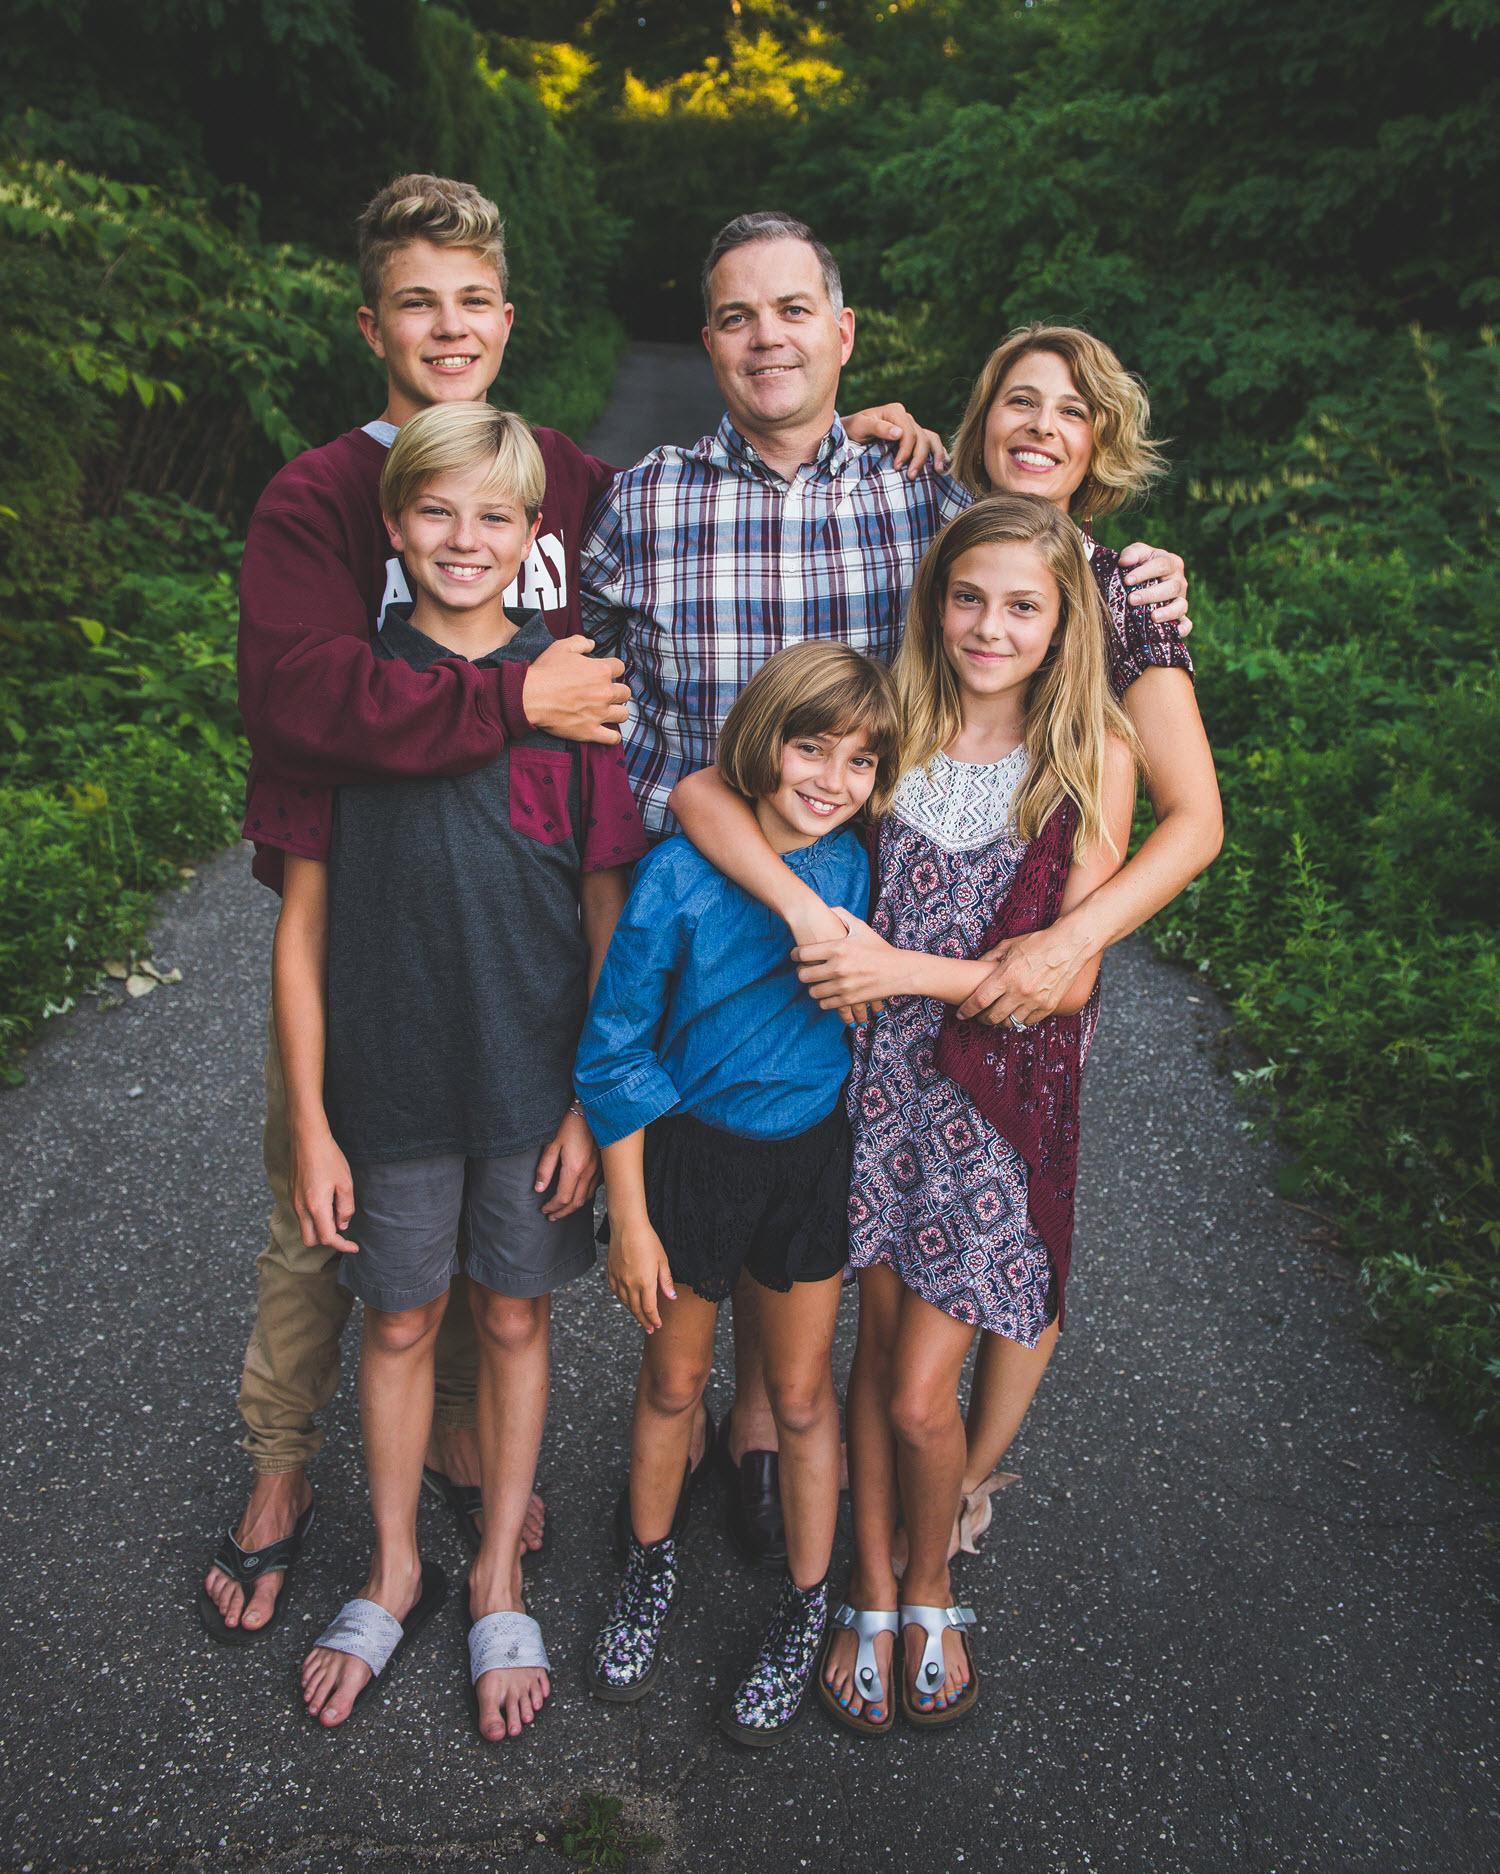 Ed_Smyth_Family2.jpg